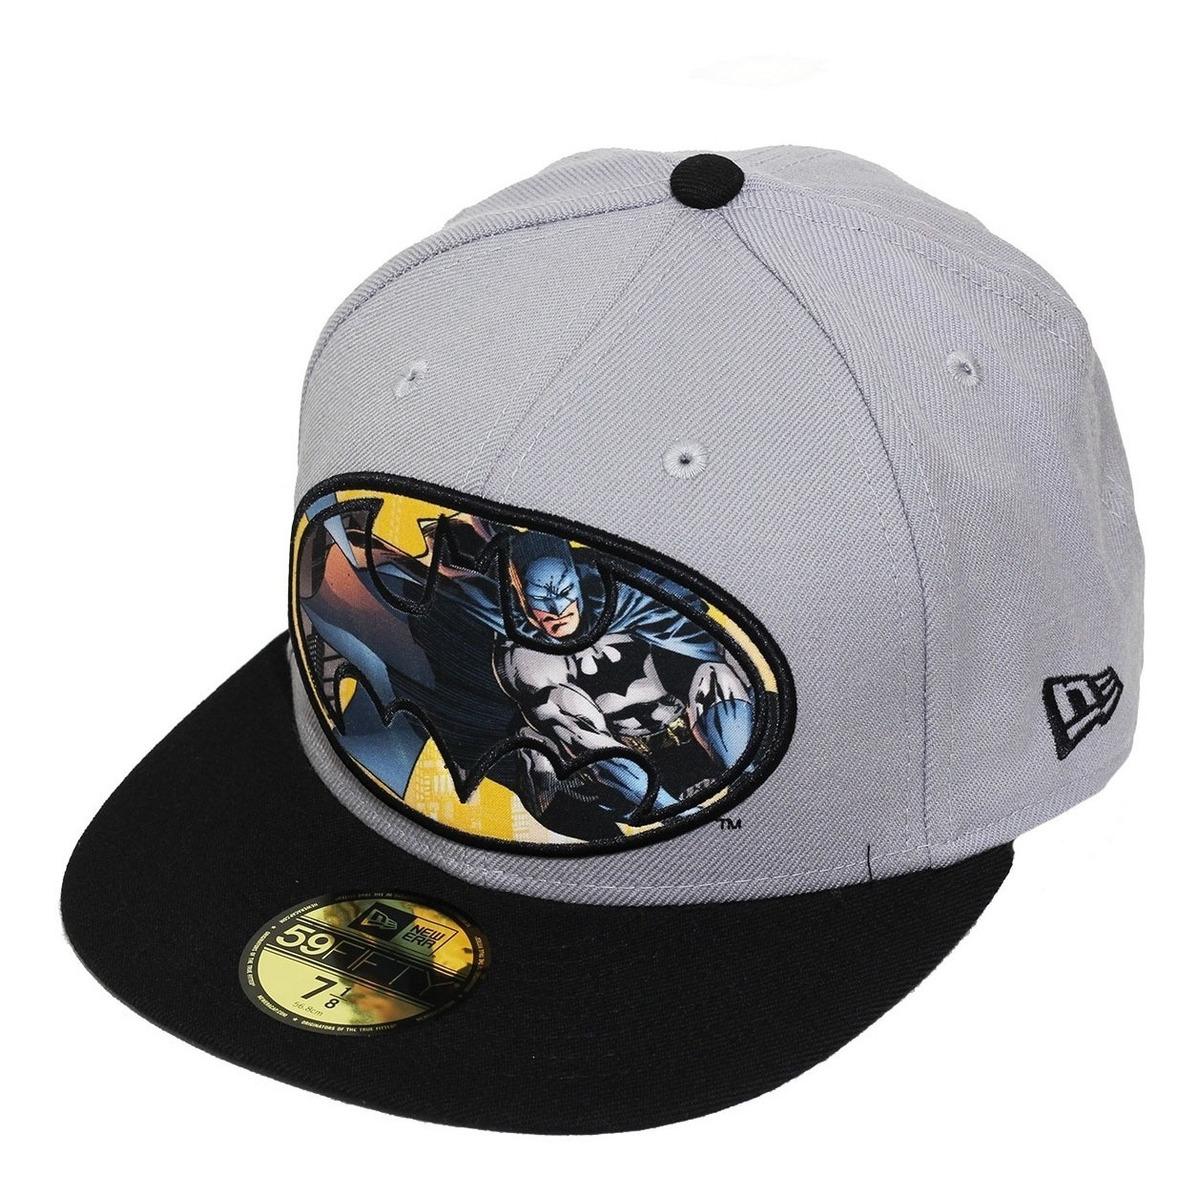 3a14337d4b Boné New Era Aba Reta Fechado Batman Circle Plane - R$ 89,90 em ...